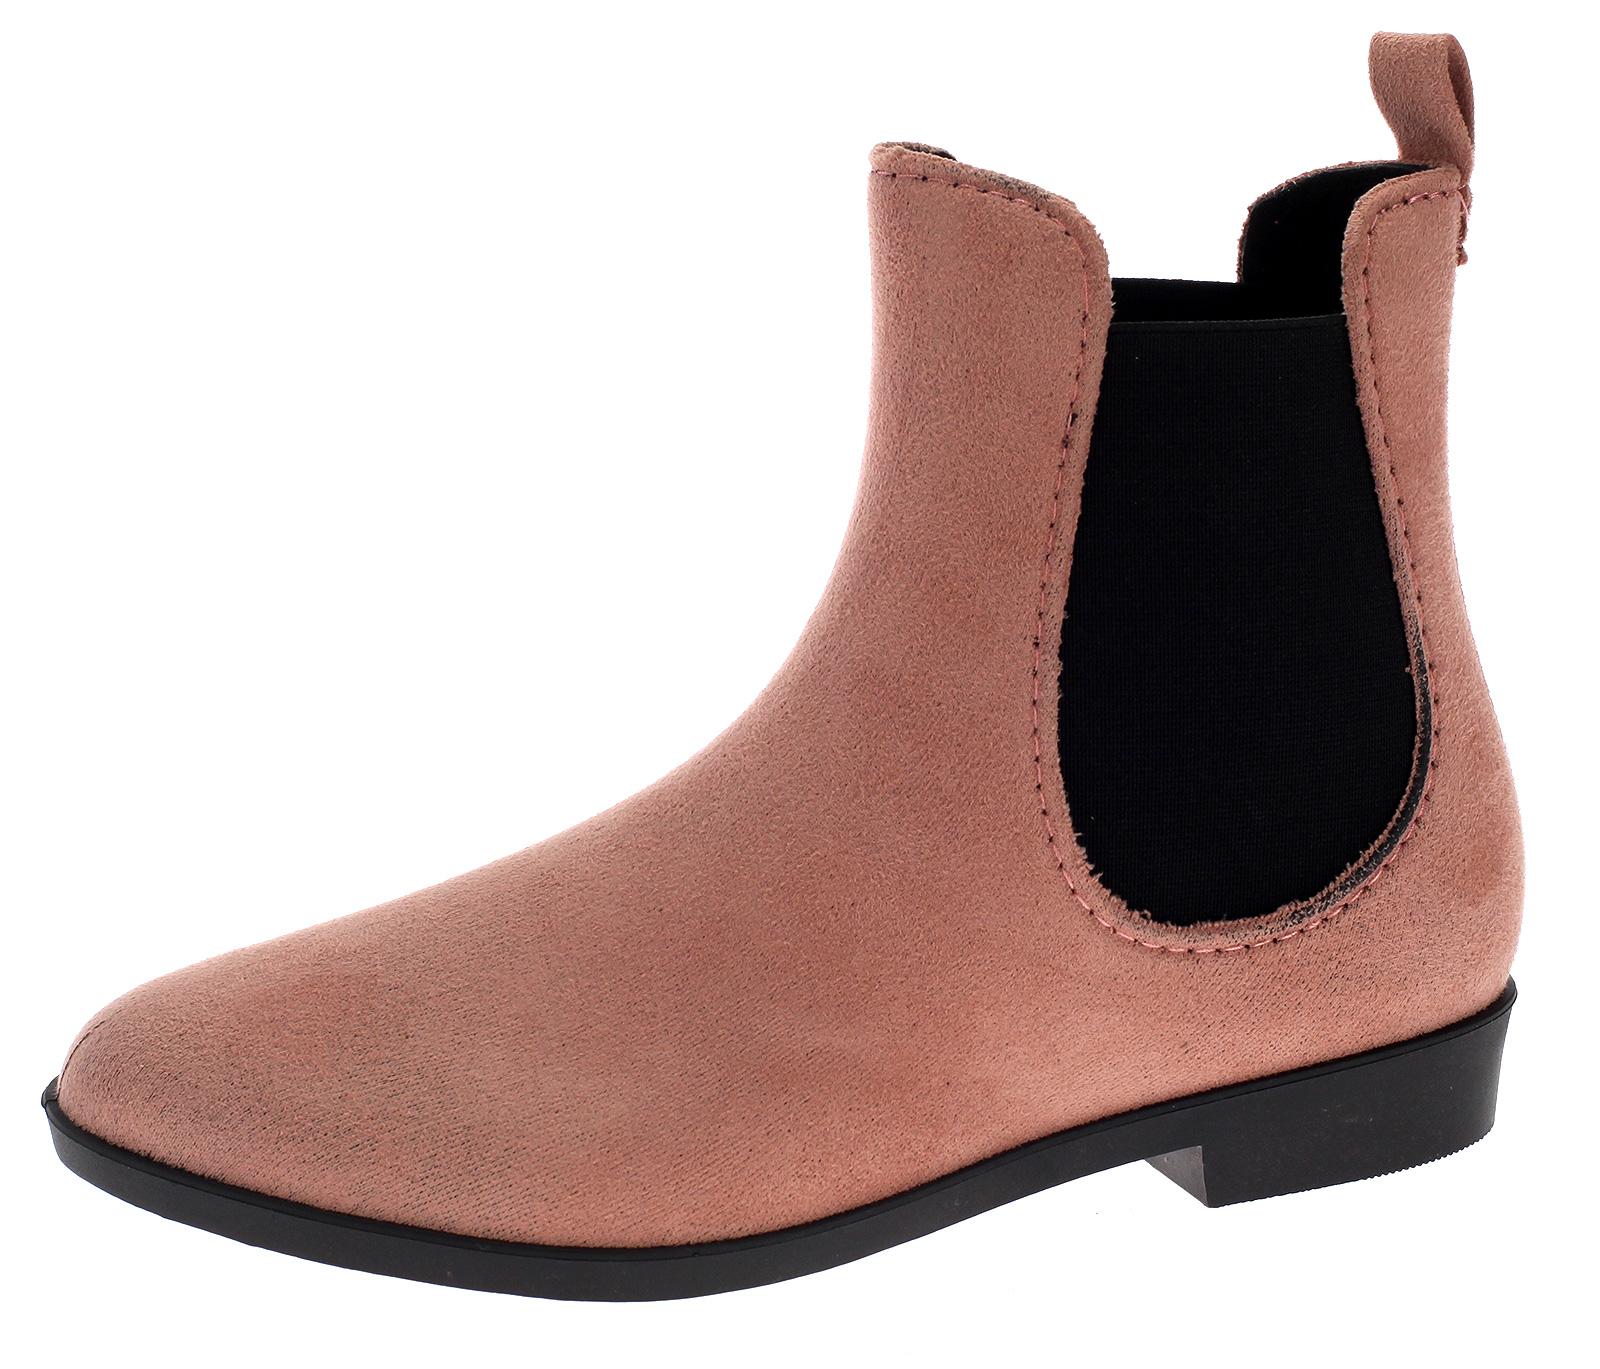 Damen Gummistiefel Chelsea Boots Regenstiefelette Gummischuh Velour-Optik HM-85